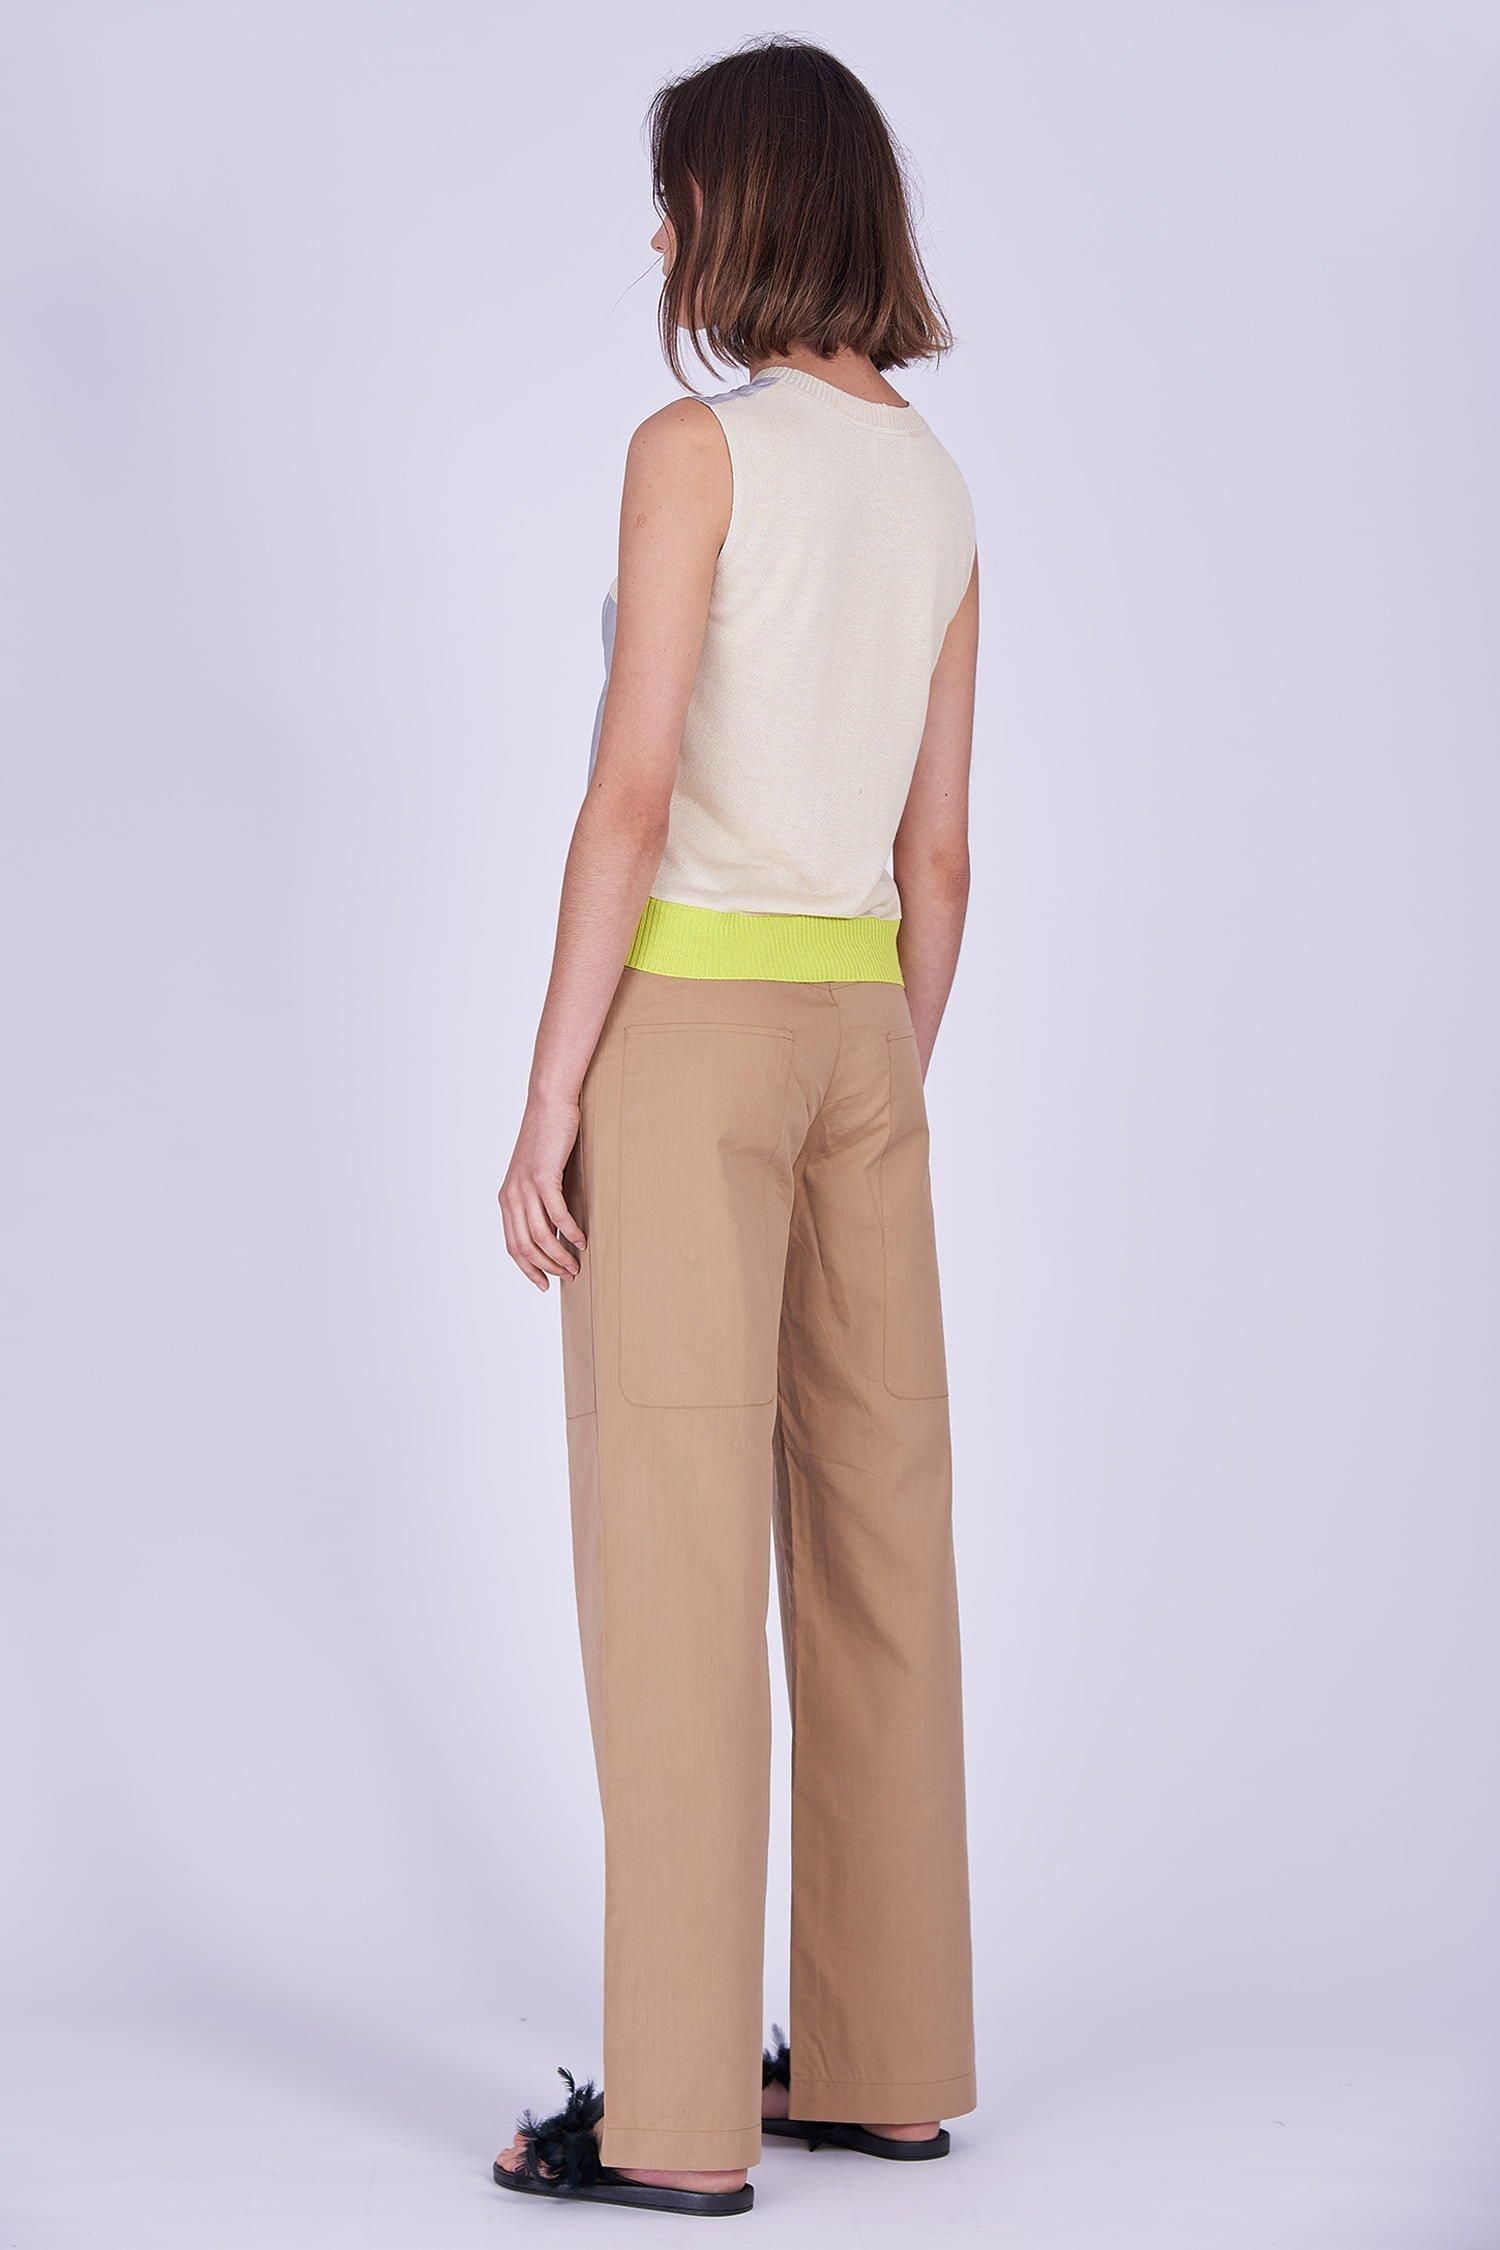 Acephala Ss2020 Silver Bustier Top Beige Cargo Trousers Srebrny Gorsetowy Bezowe Spodnie Side Back